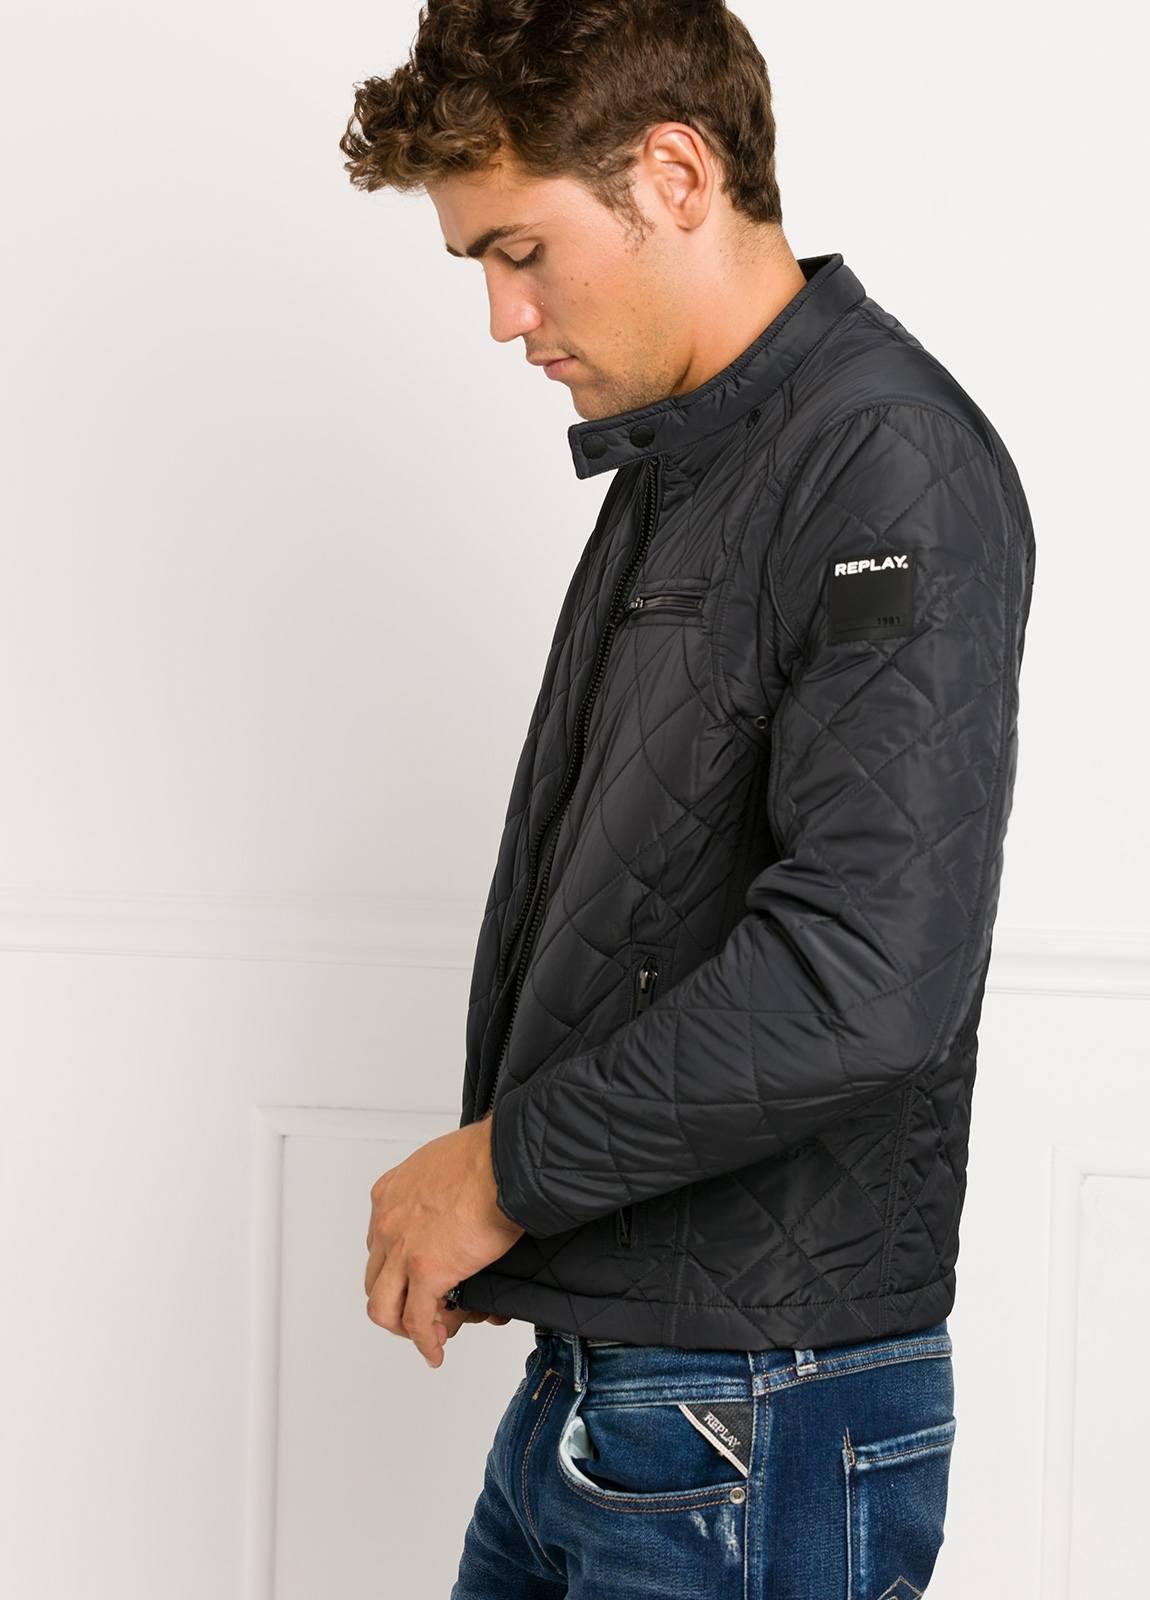 Cazadora corta, acolchada con bolsillos y cremallera, color negro. 100% Poliamida. - Ítem2